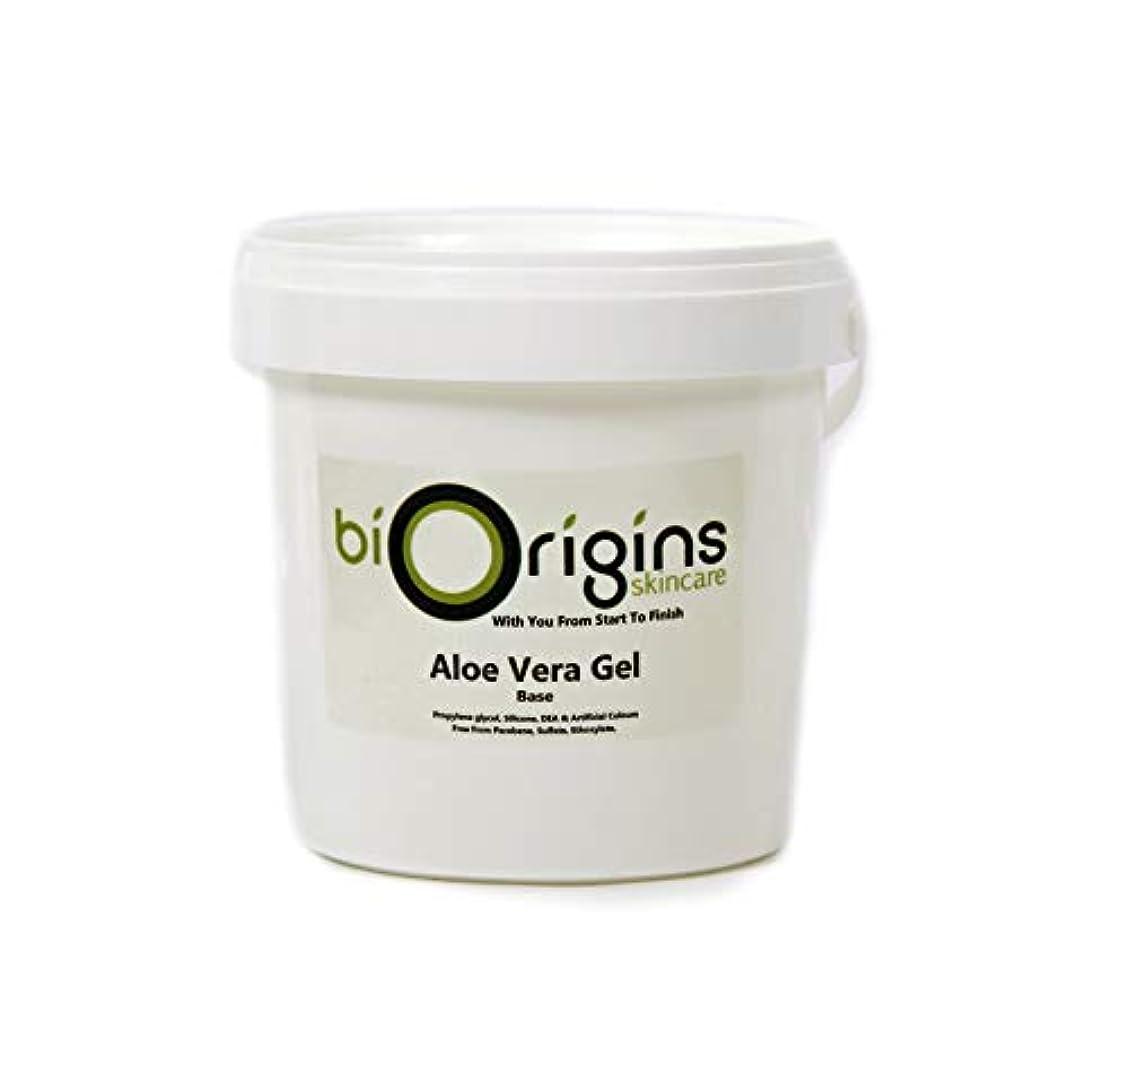 脇に夕暮れ参加するAloe Vera Gel Skincare Base 1Kg